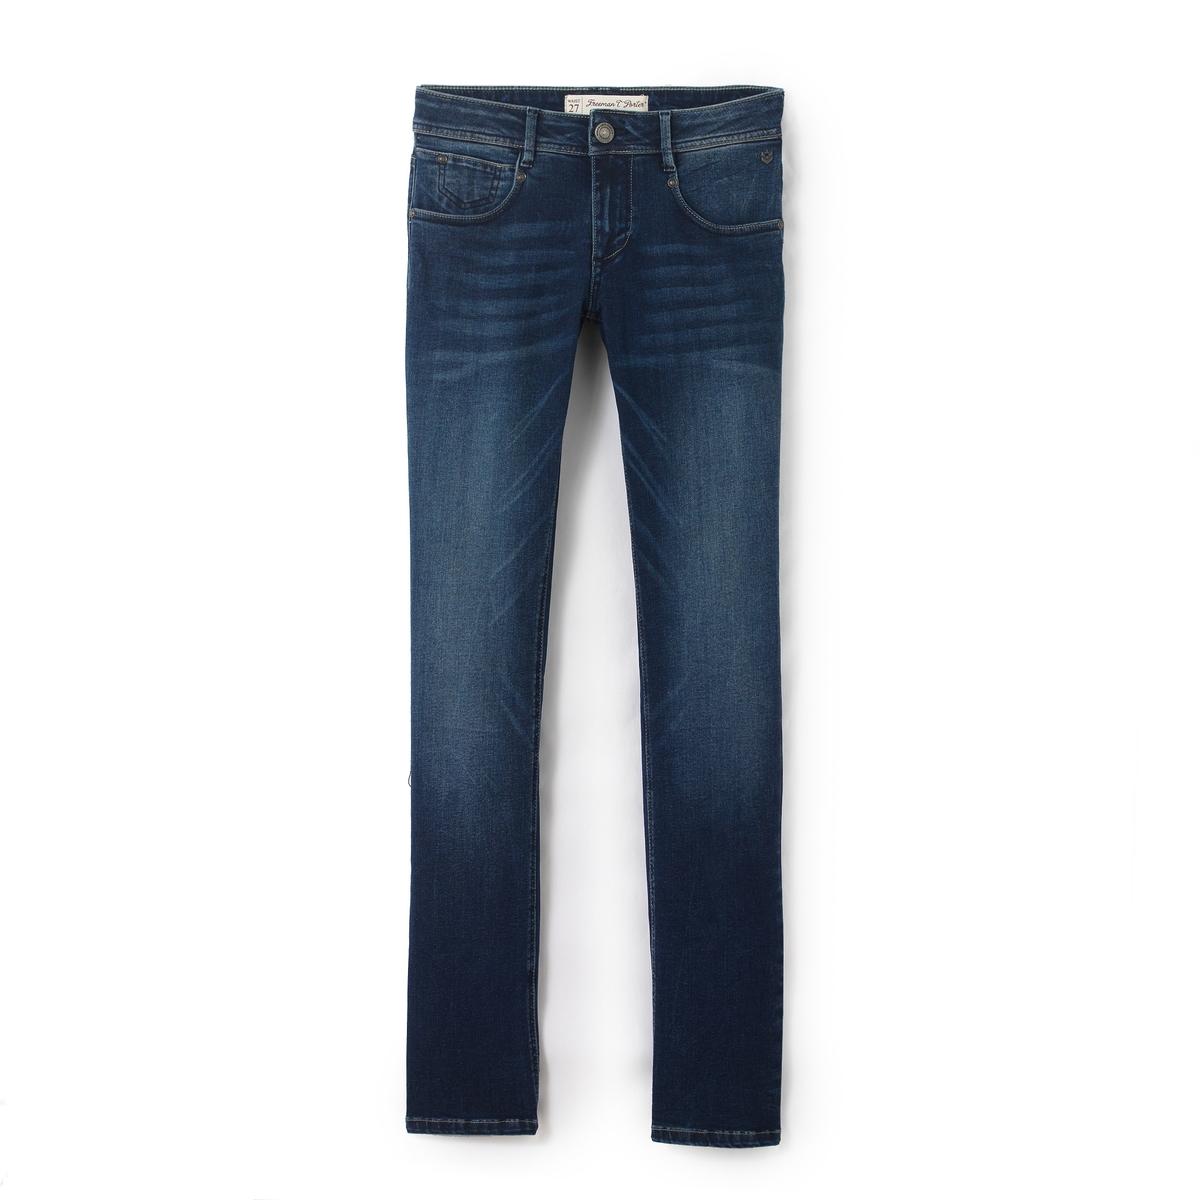 Джинсы прямые CHARLIE, стандартная высота поясаМатериал : 90% хлопка, 8% эластомультиэстера, 2% эластана            Высота пояса : стандартная          Покрой джинсов : классический, прямой          Длина джинсов : длина 32<br><br>Цвет: синий<br>Размер: 24 длина 32